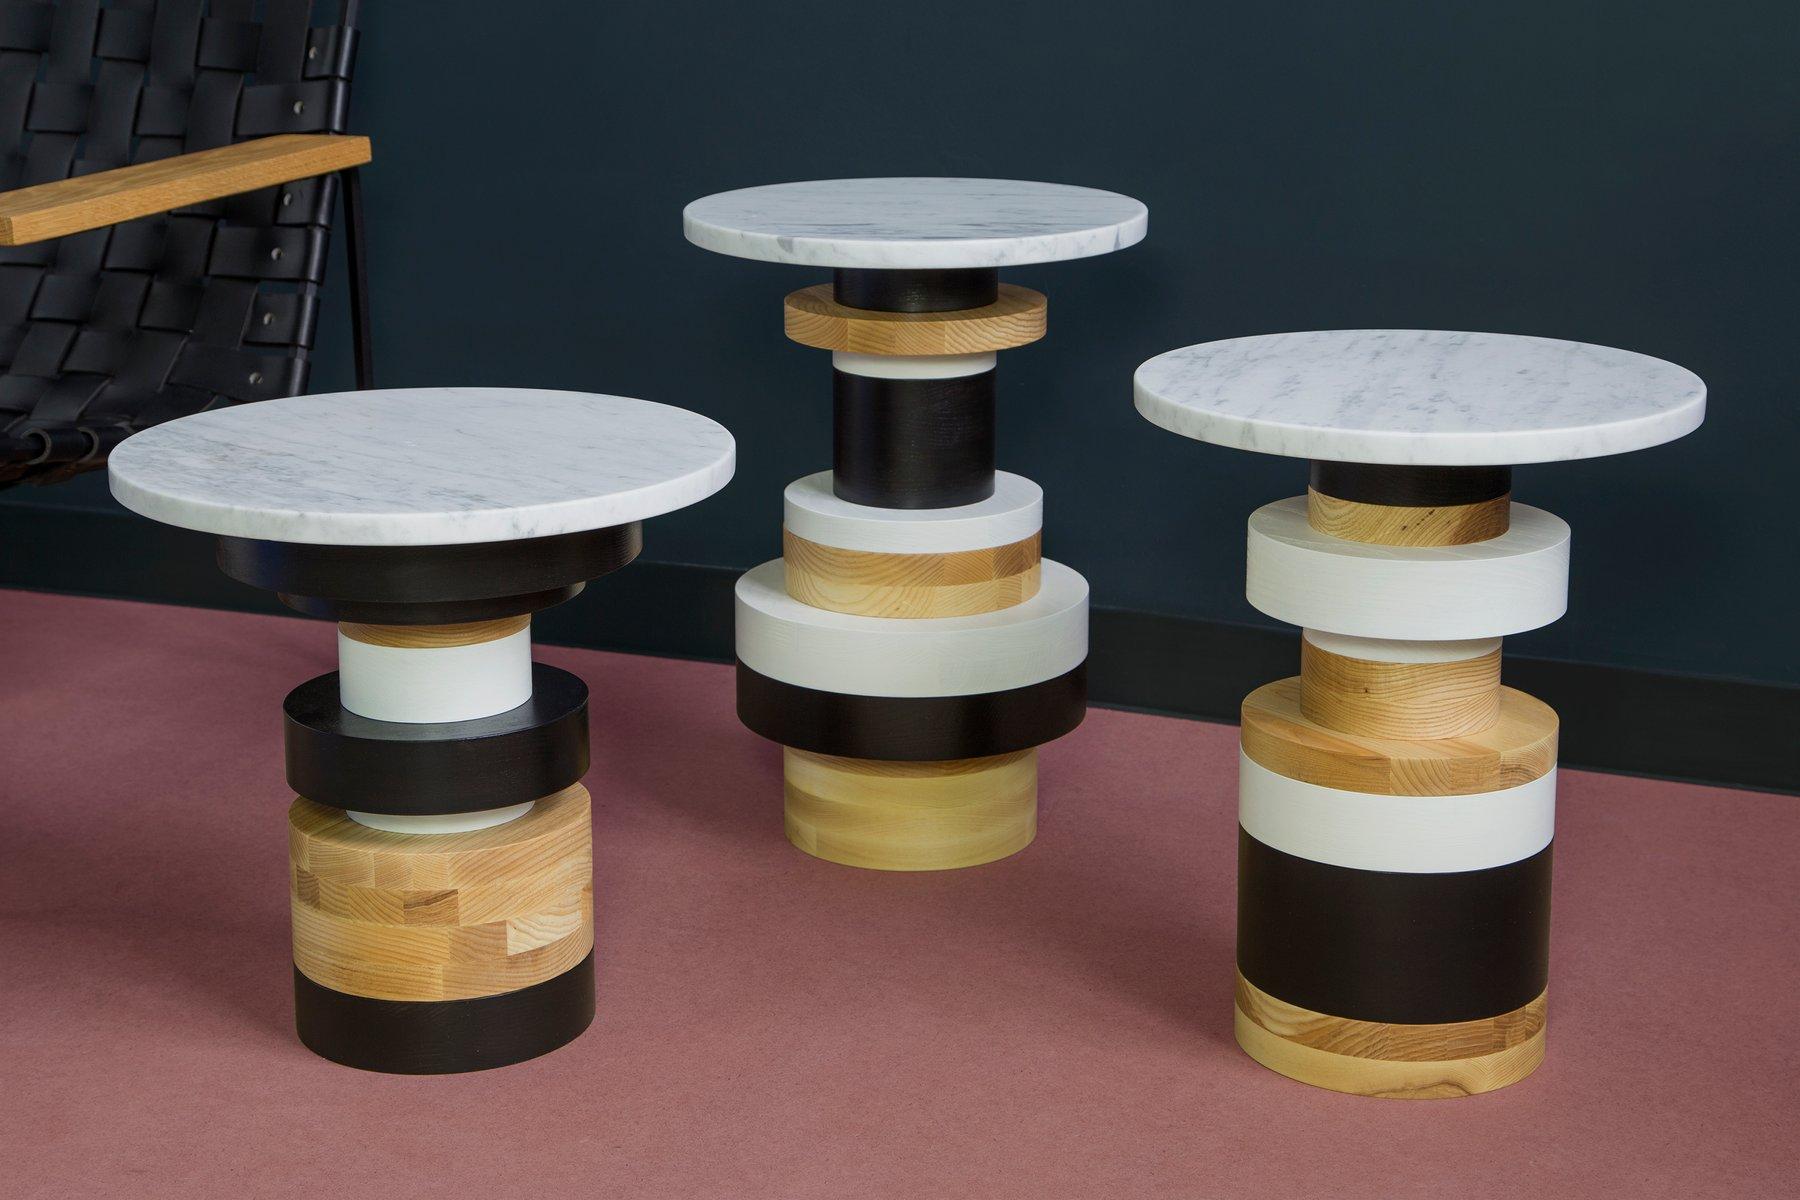 table d 39 appoint sass haute avec plateau 14 en marbre par mpgmb pour souda en vente sur pamono. Black Bedroom Furniture Sets. Home Design Ideas